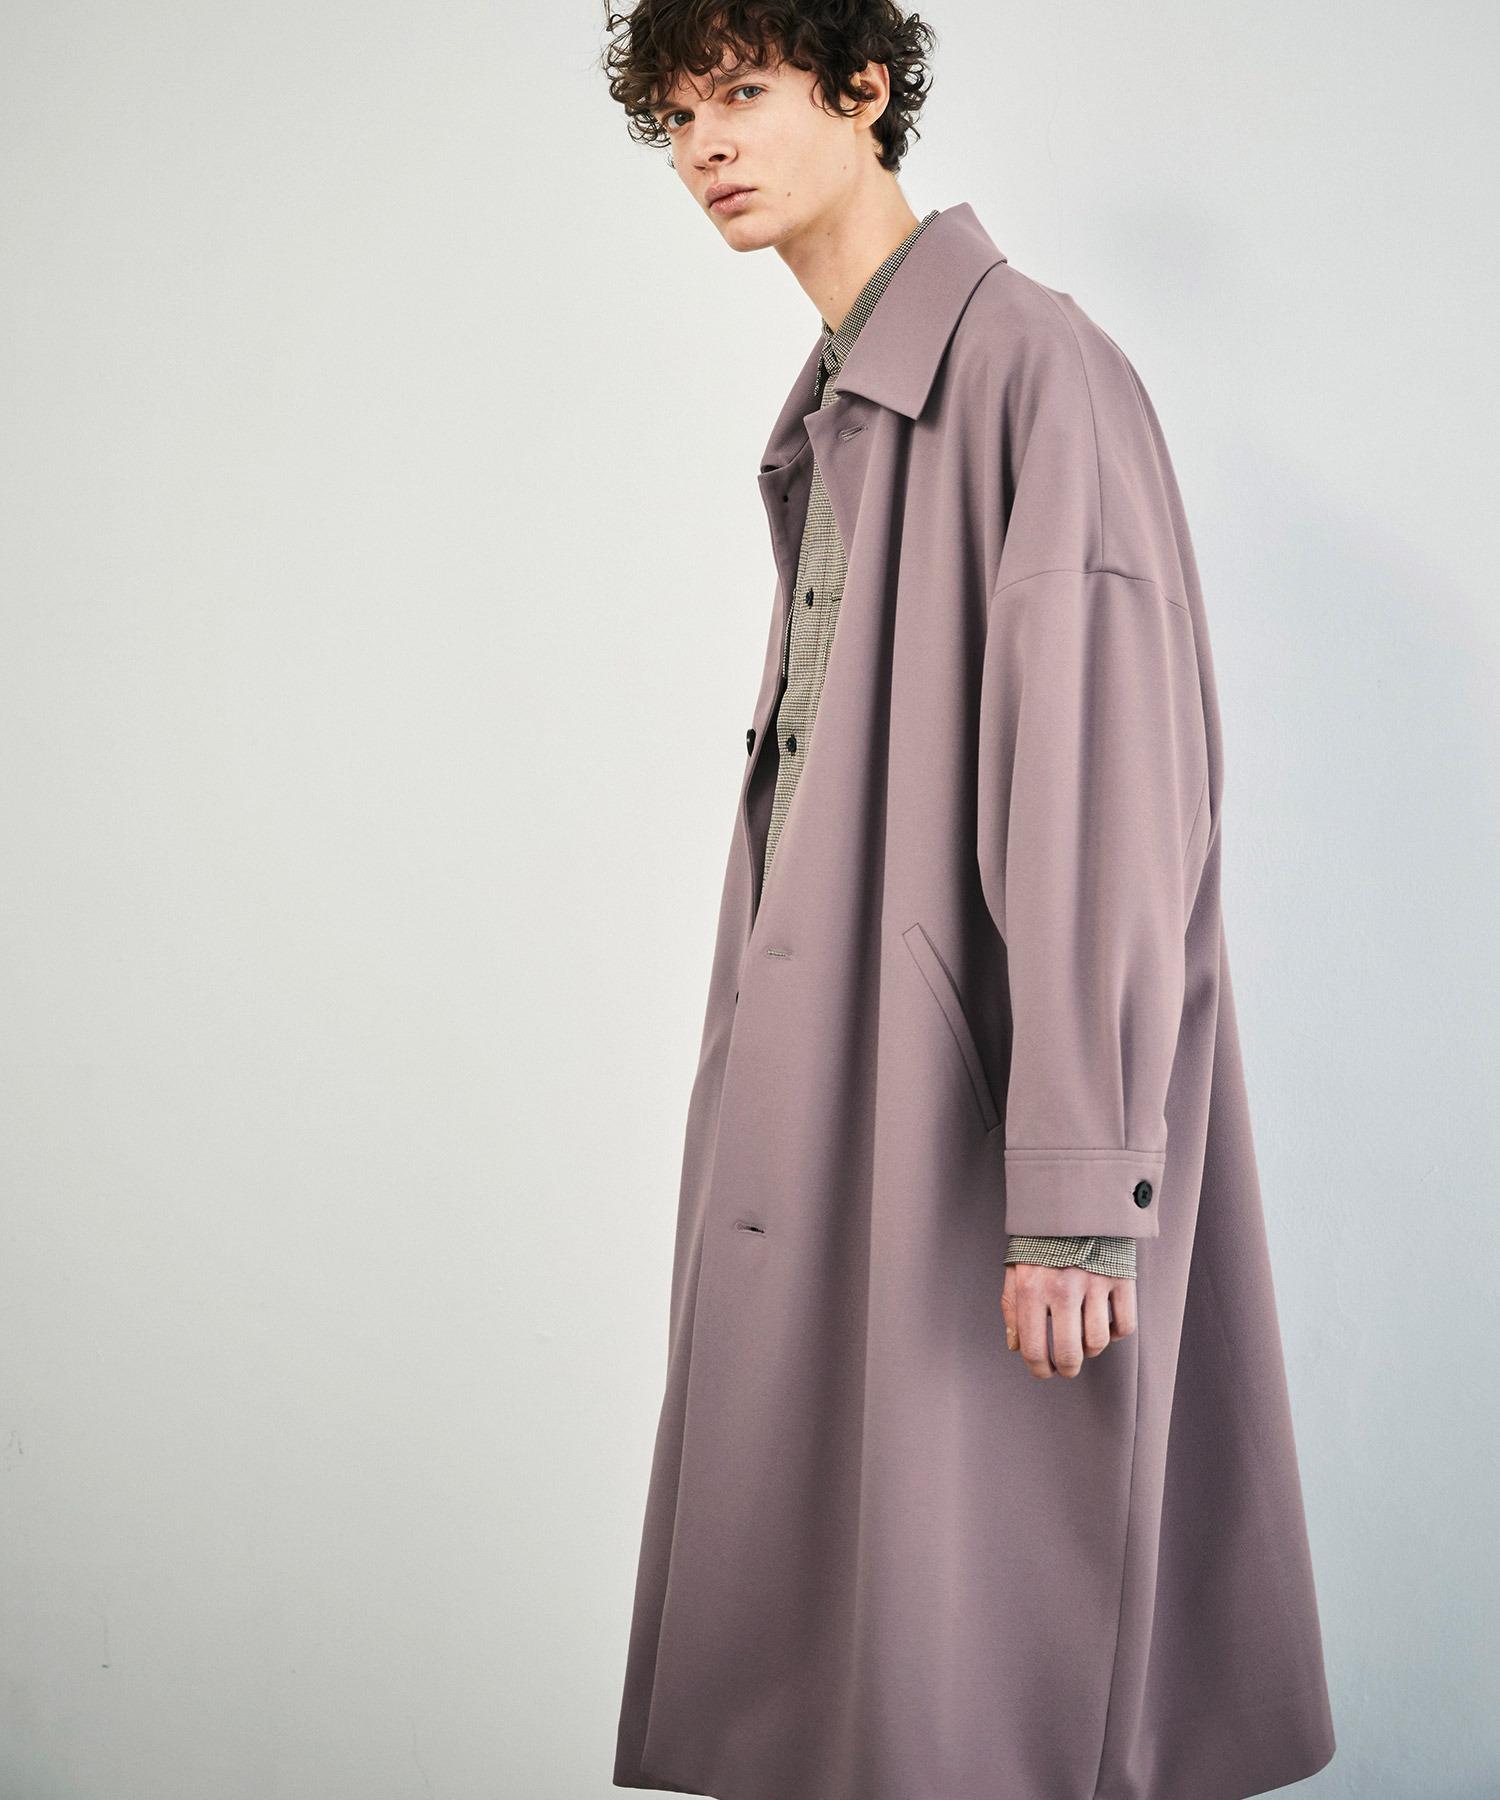 梨地ルーズリラックス オーバーサイズドルマン バルカラーコート/ステンカラーコート 2021S/S EMMA CLOTHES